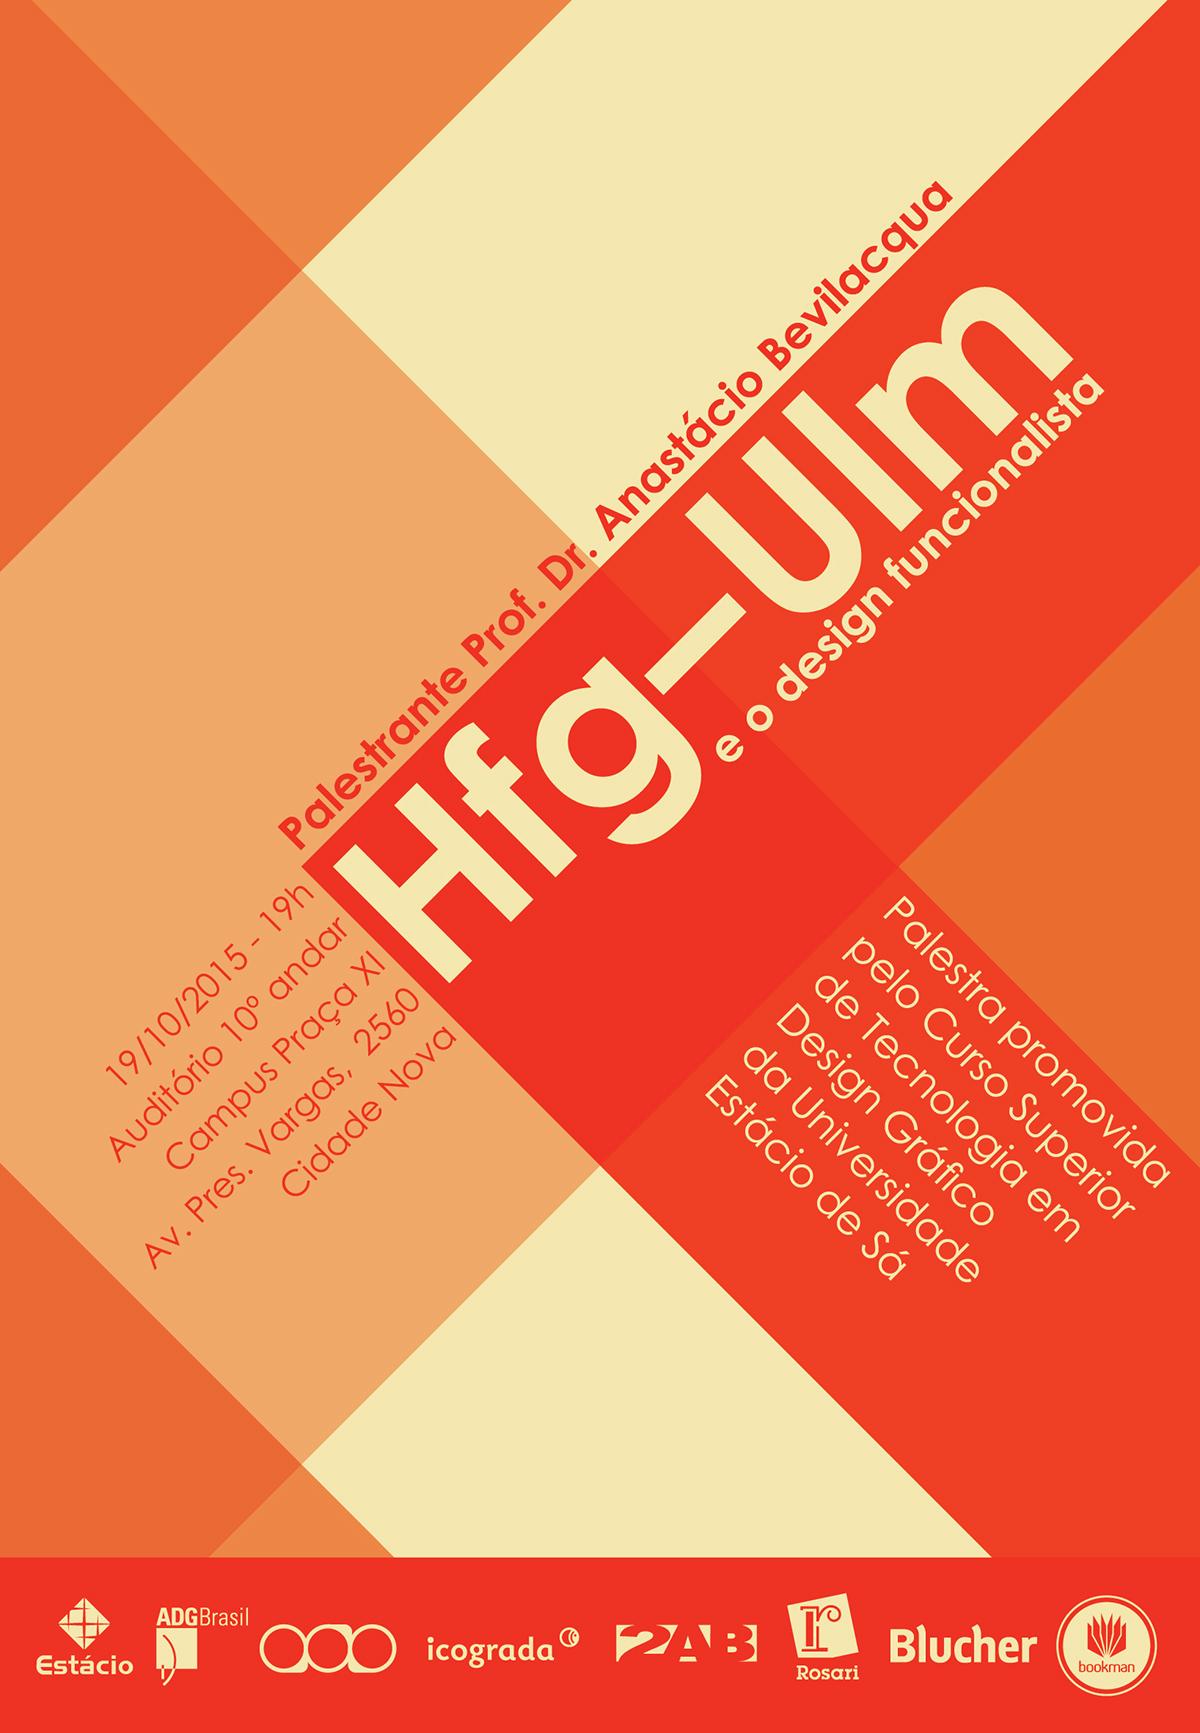 Cartaz hfg ulm on behance for Hfg ulm design